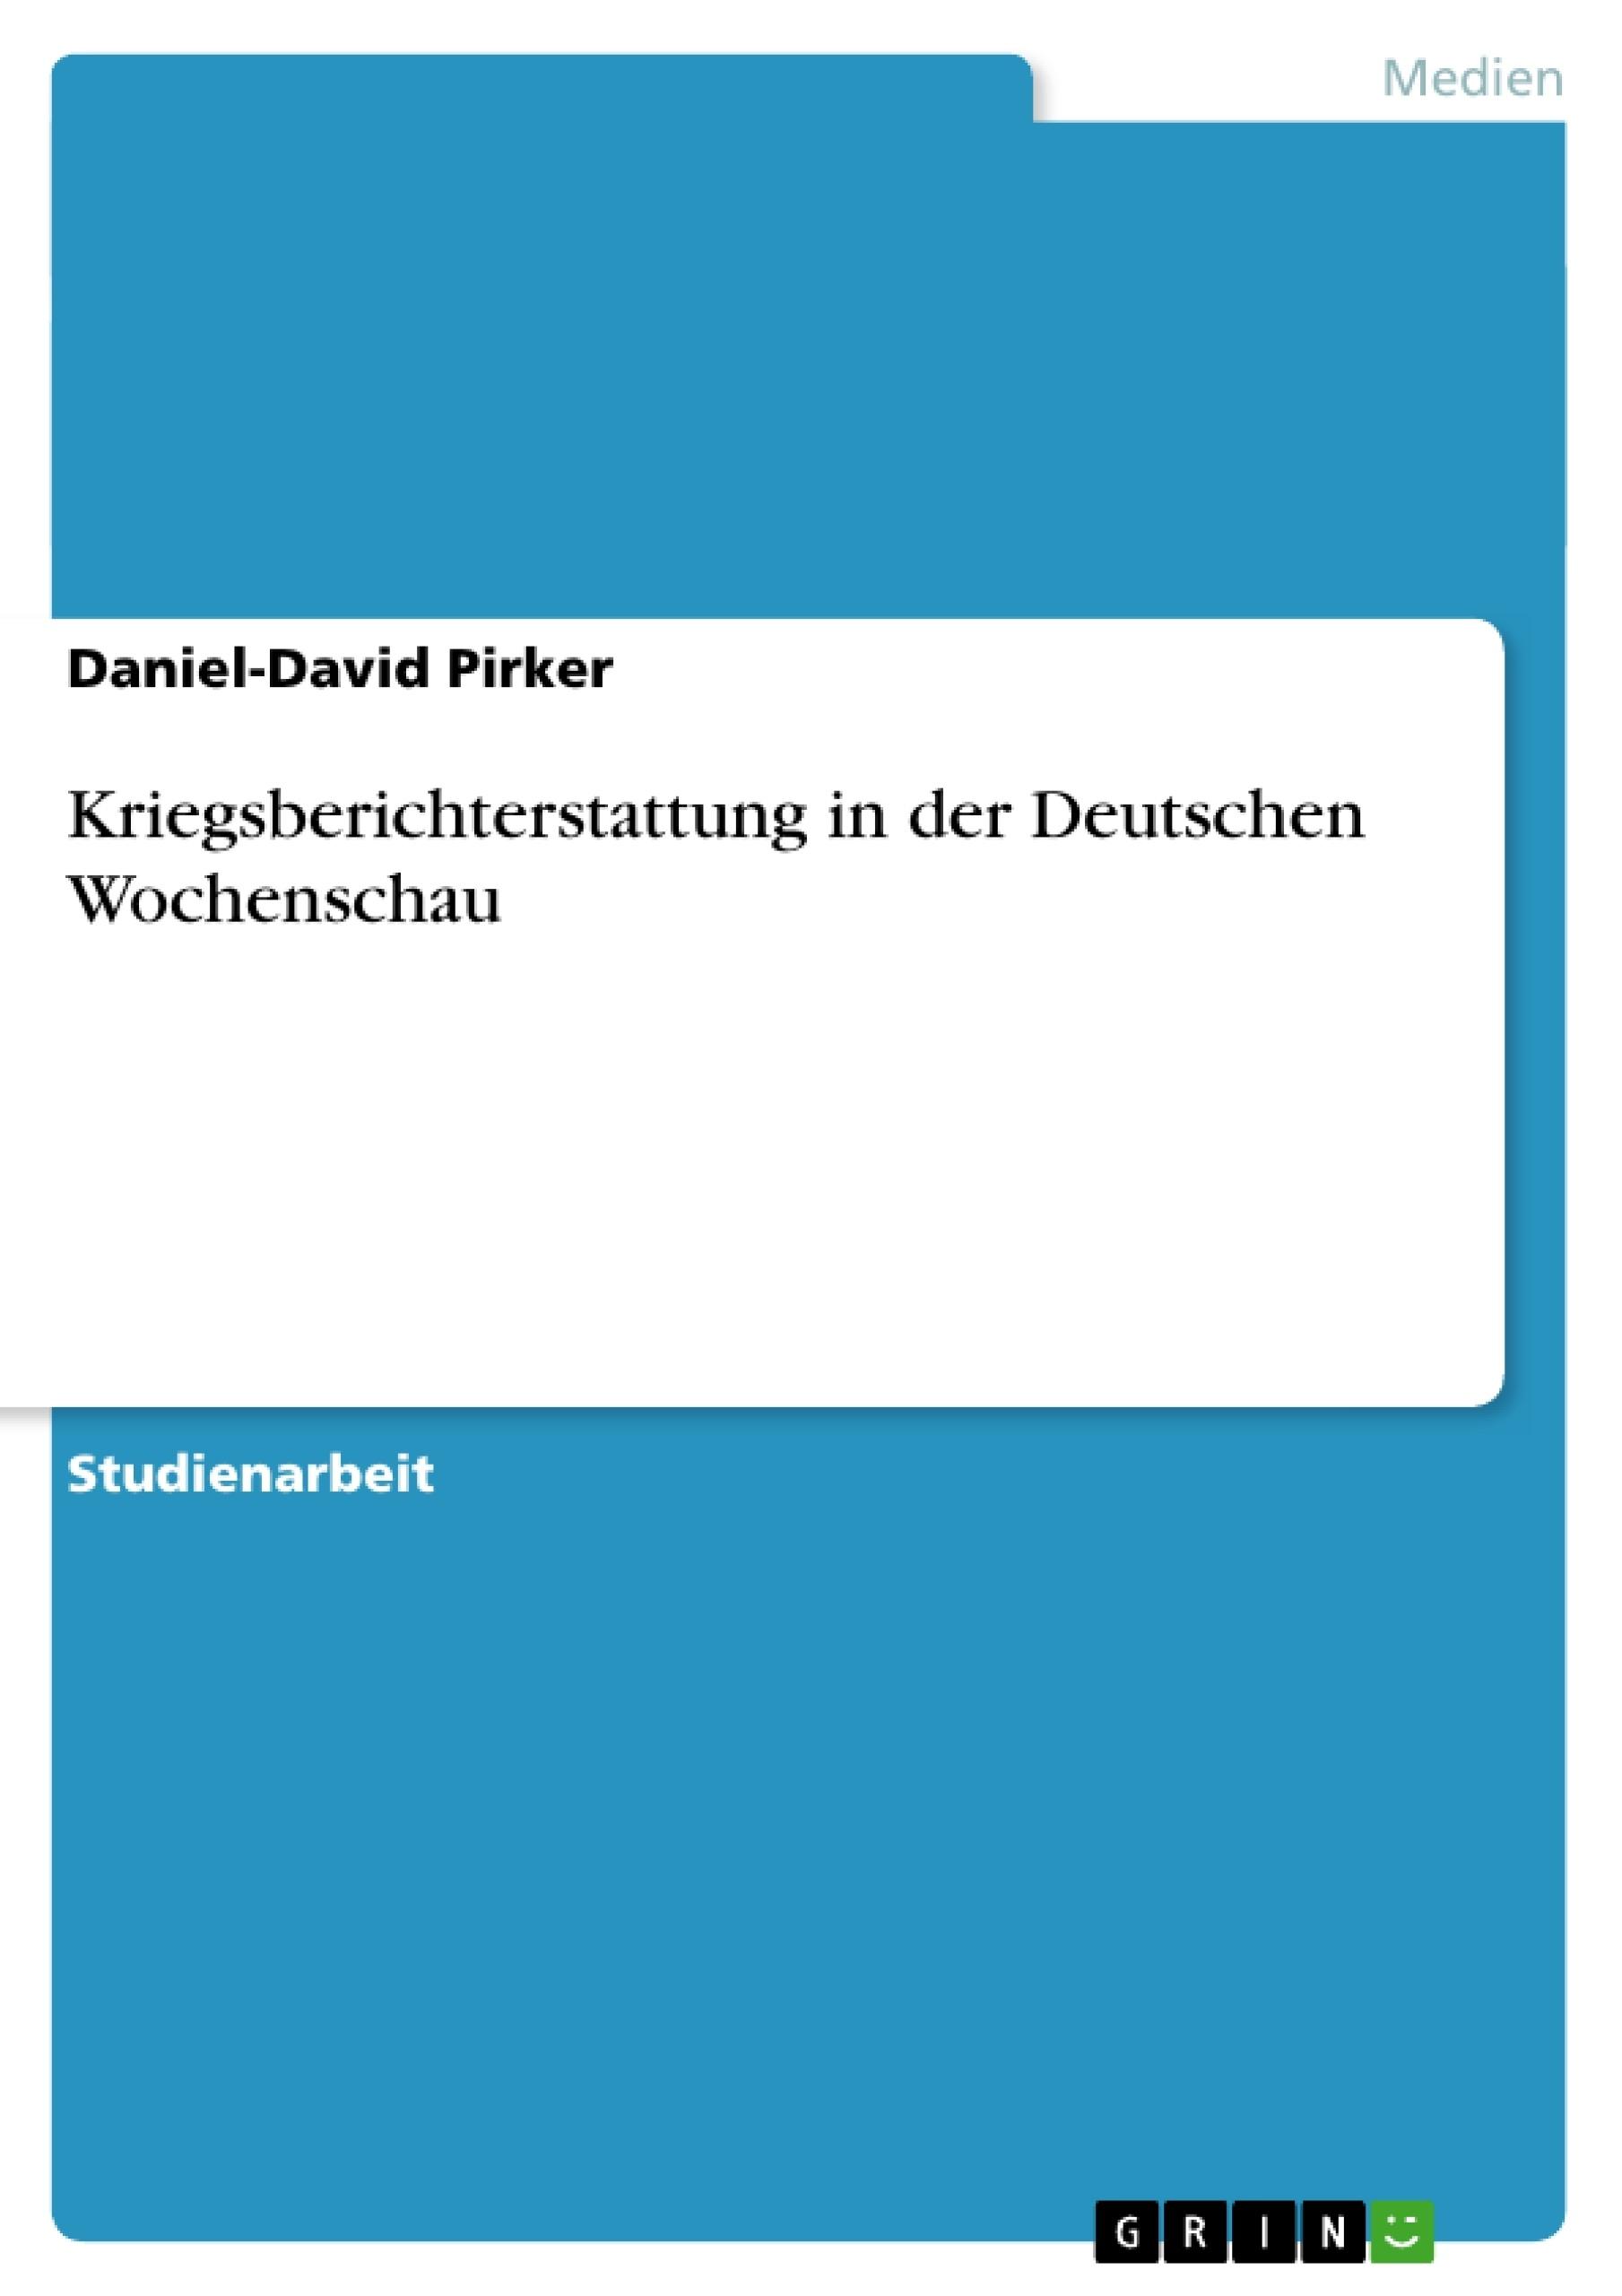 Titel: Kriegsberichterstattung in der Deutschen Wochenschau